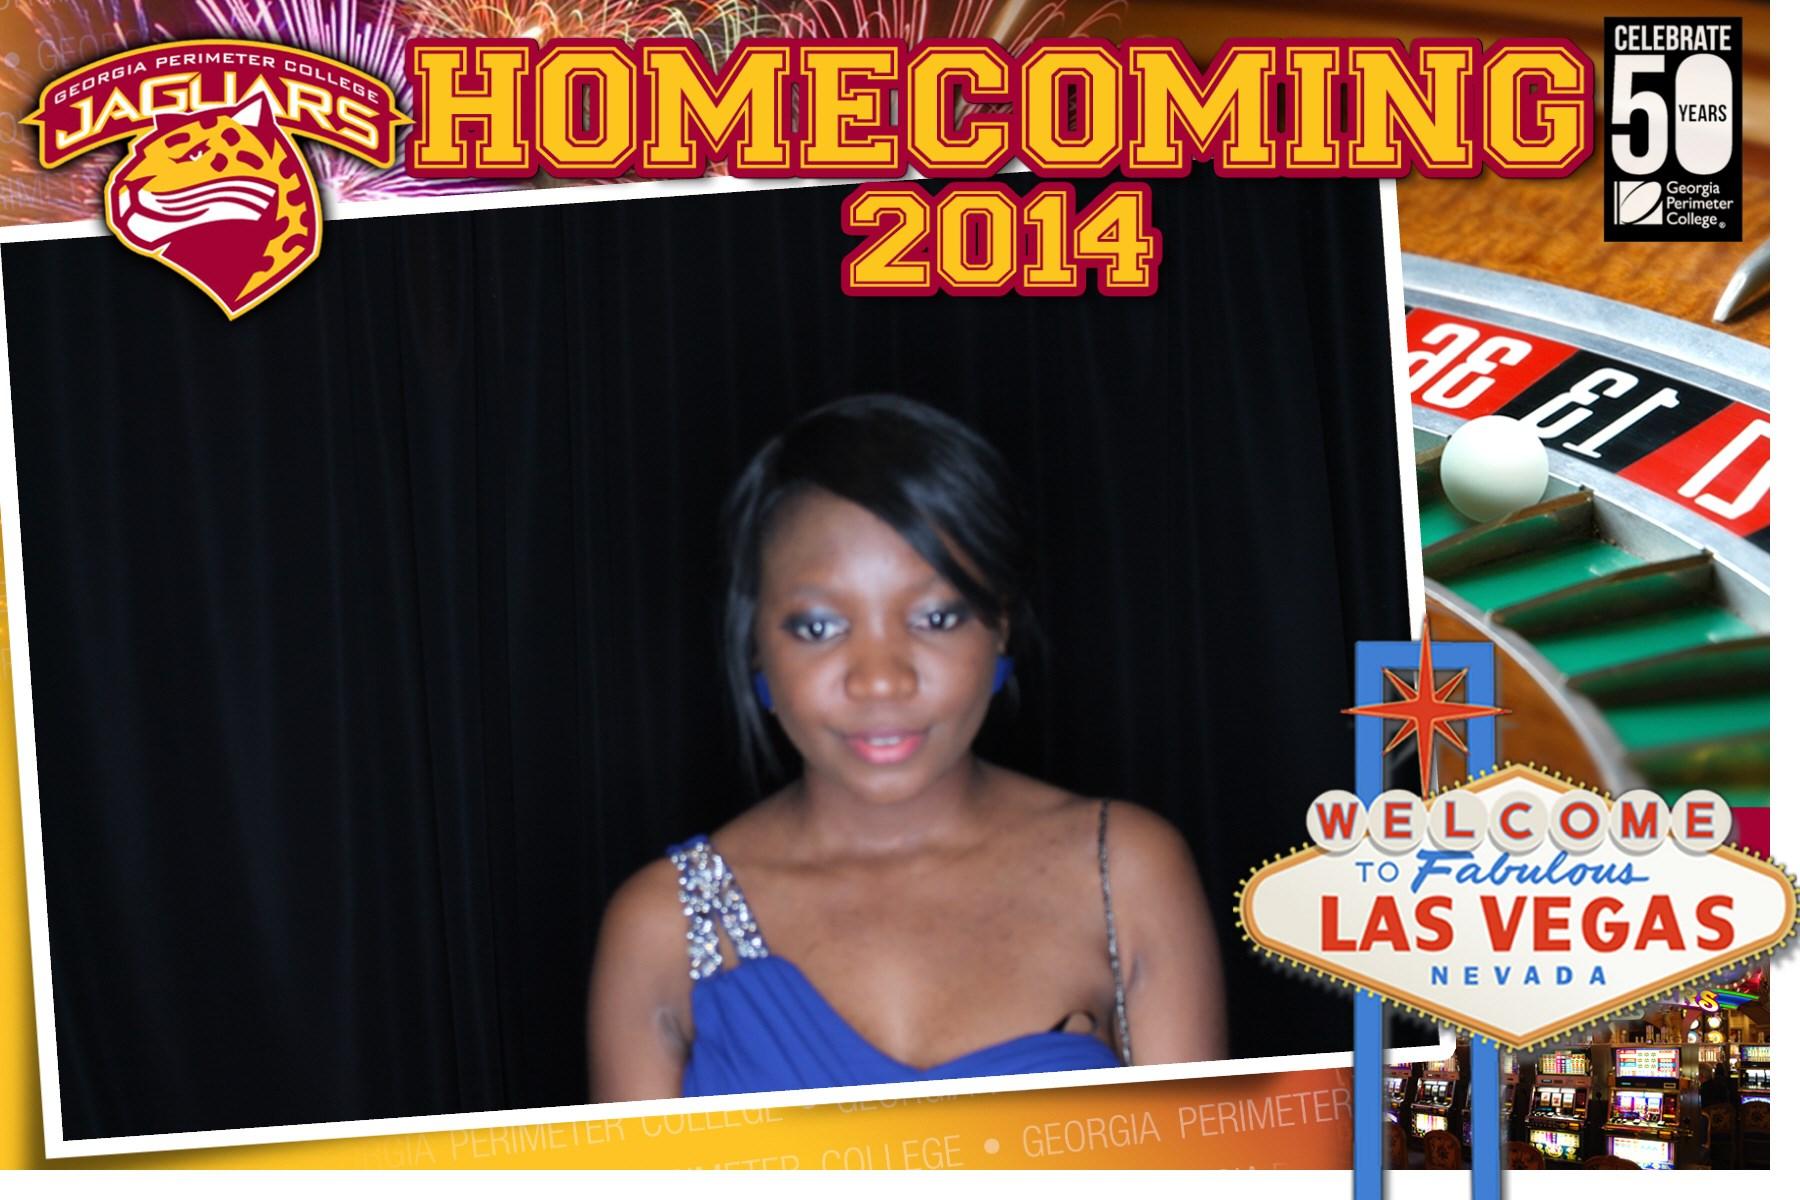 Atlanta's Homecoming Photo Booth